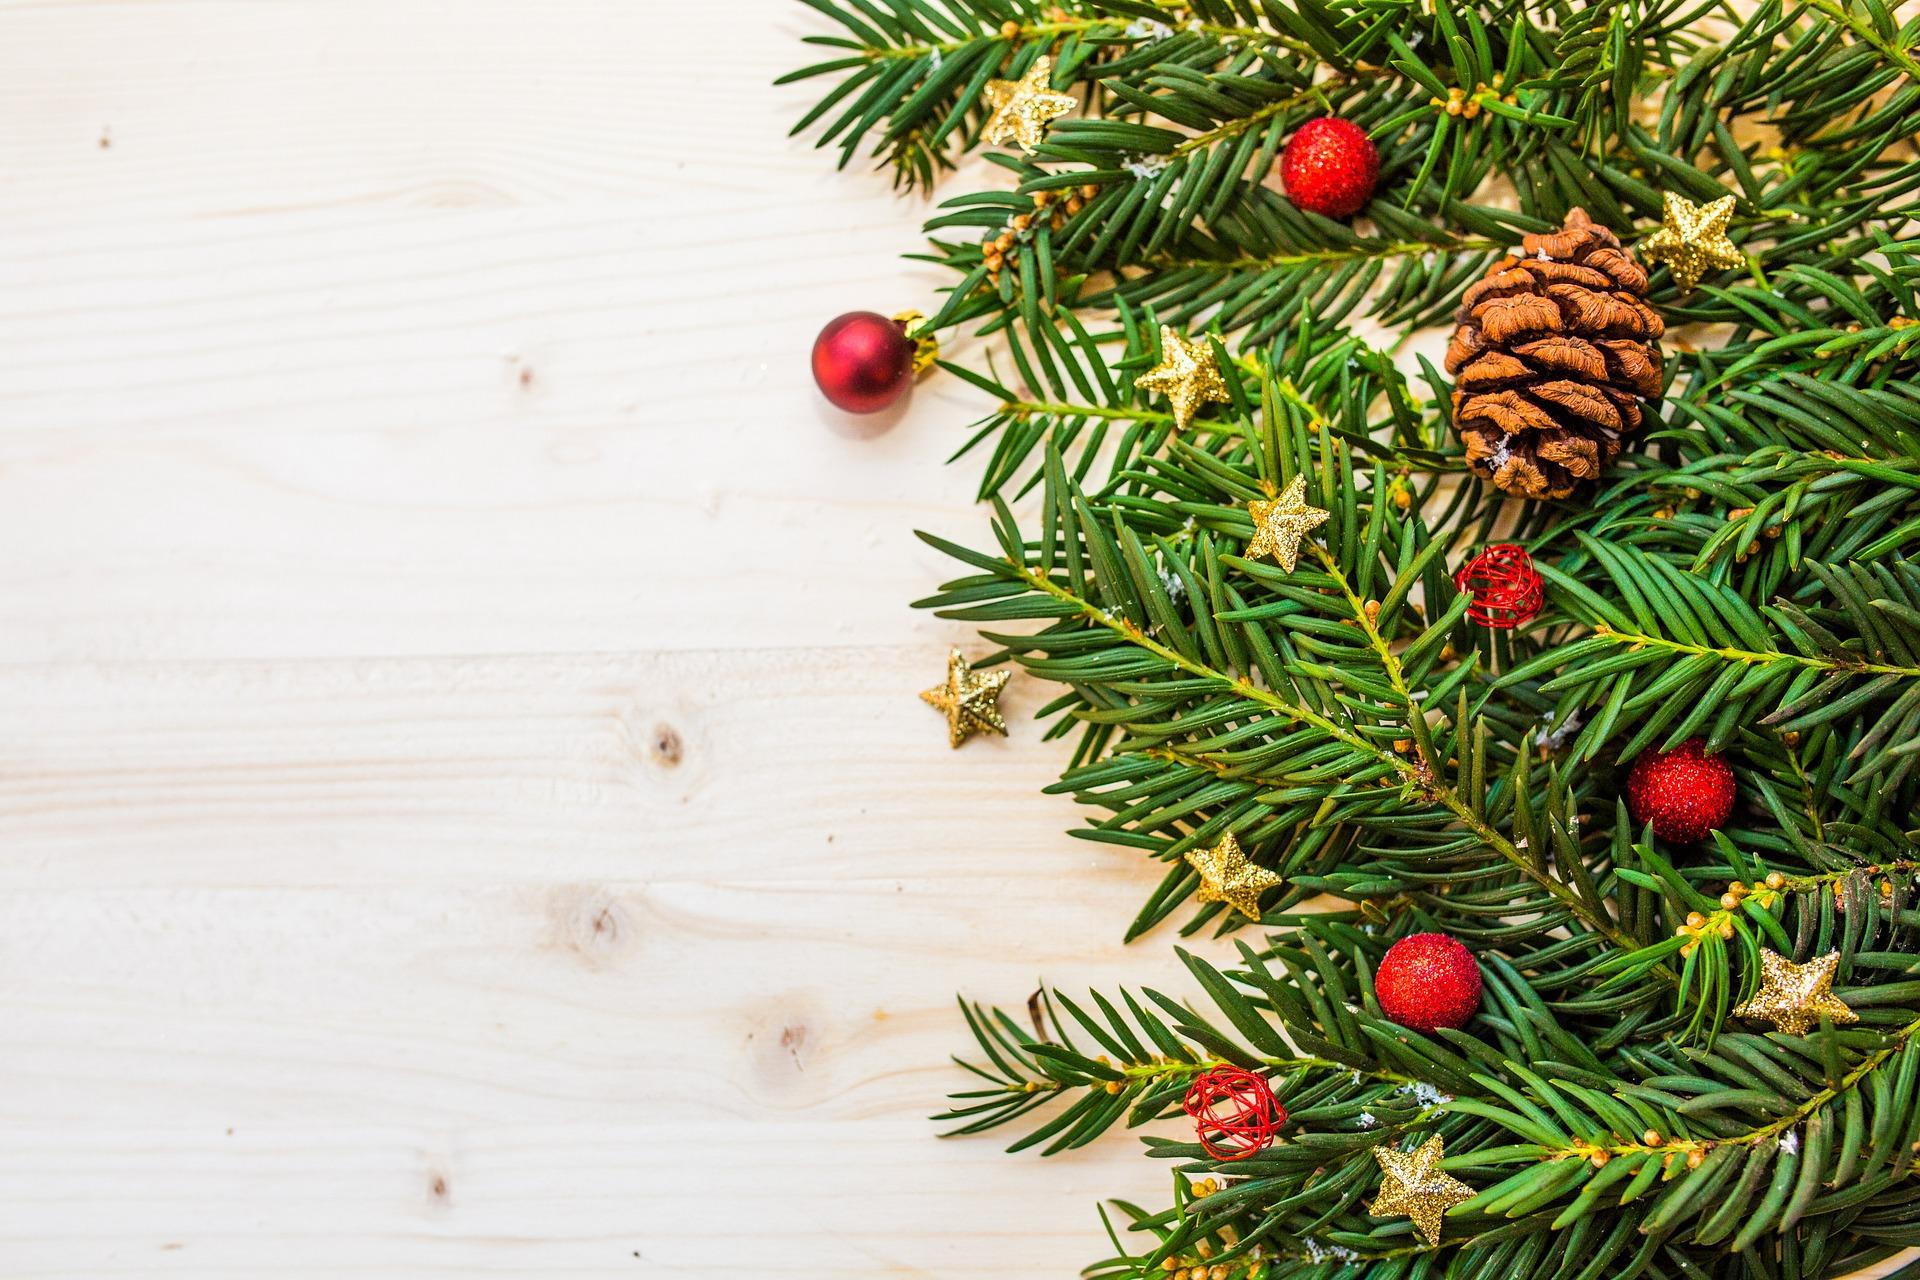 Tipy na vianočné darčeky pre celú rodinu